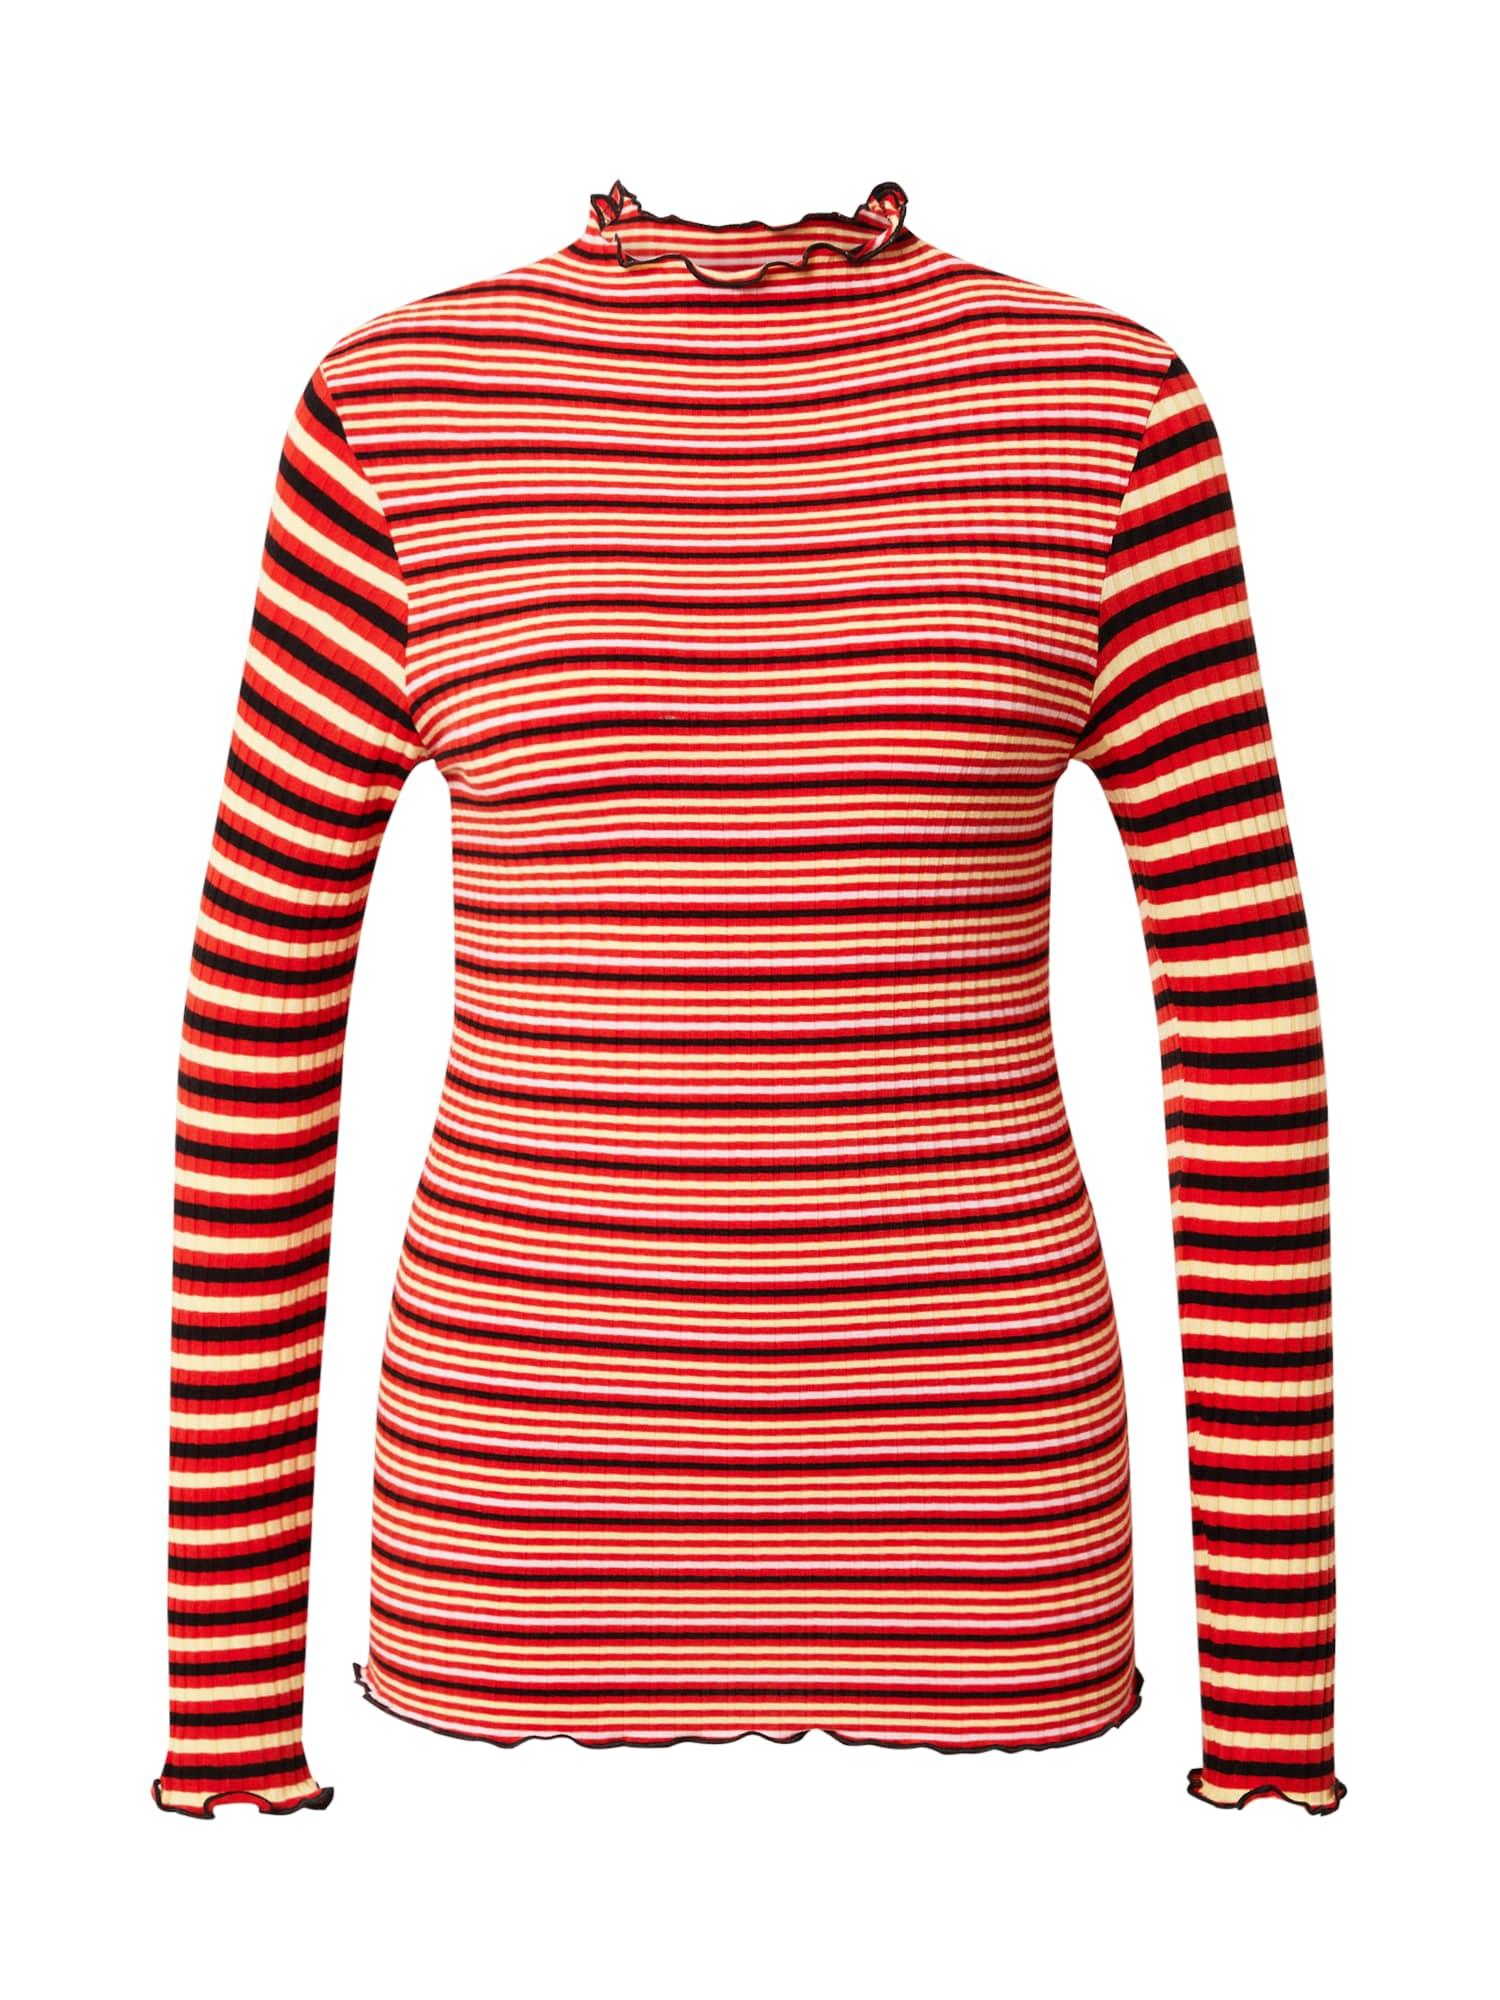 MADS NORGAARD COPENHAGEN Marškinėliai balta / kraujo spalva / juoda / smėlio spalva